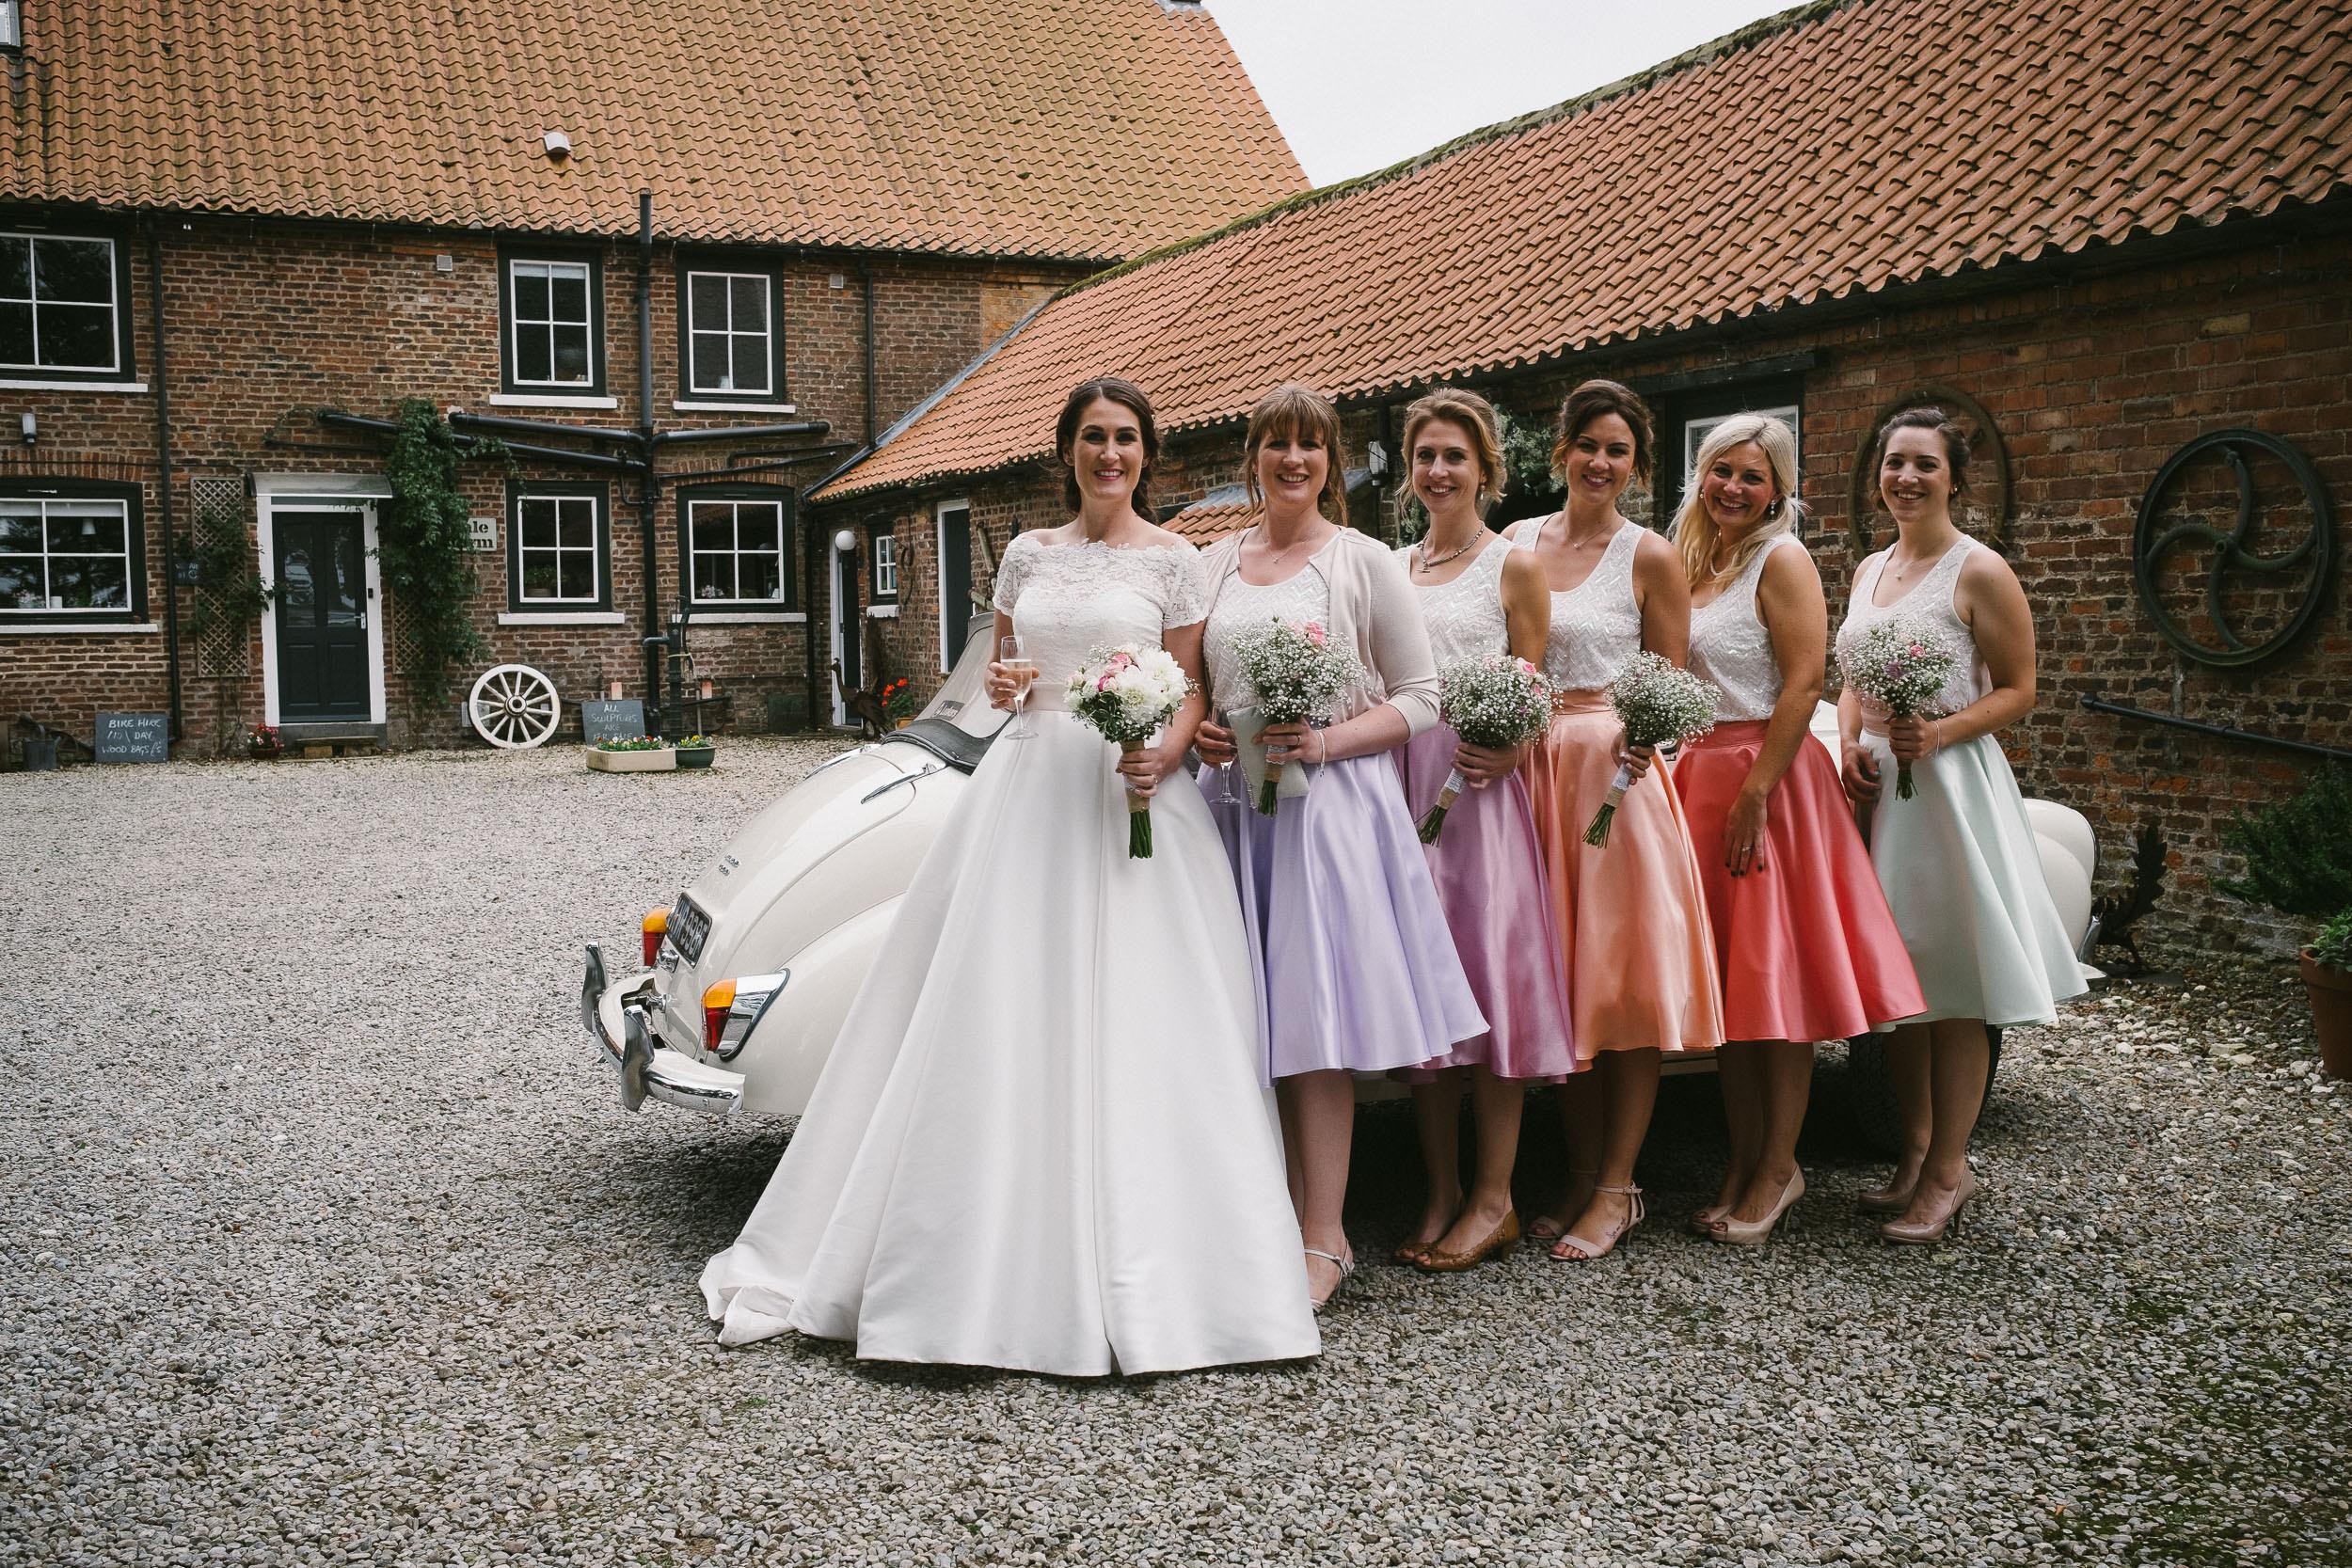 Dale Farm Yorkshire wedding venue by Barry Forshaw-0016.jpg